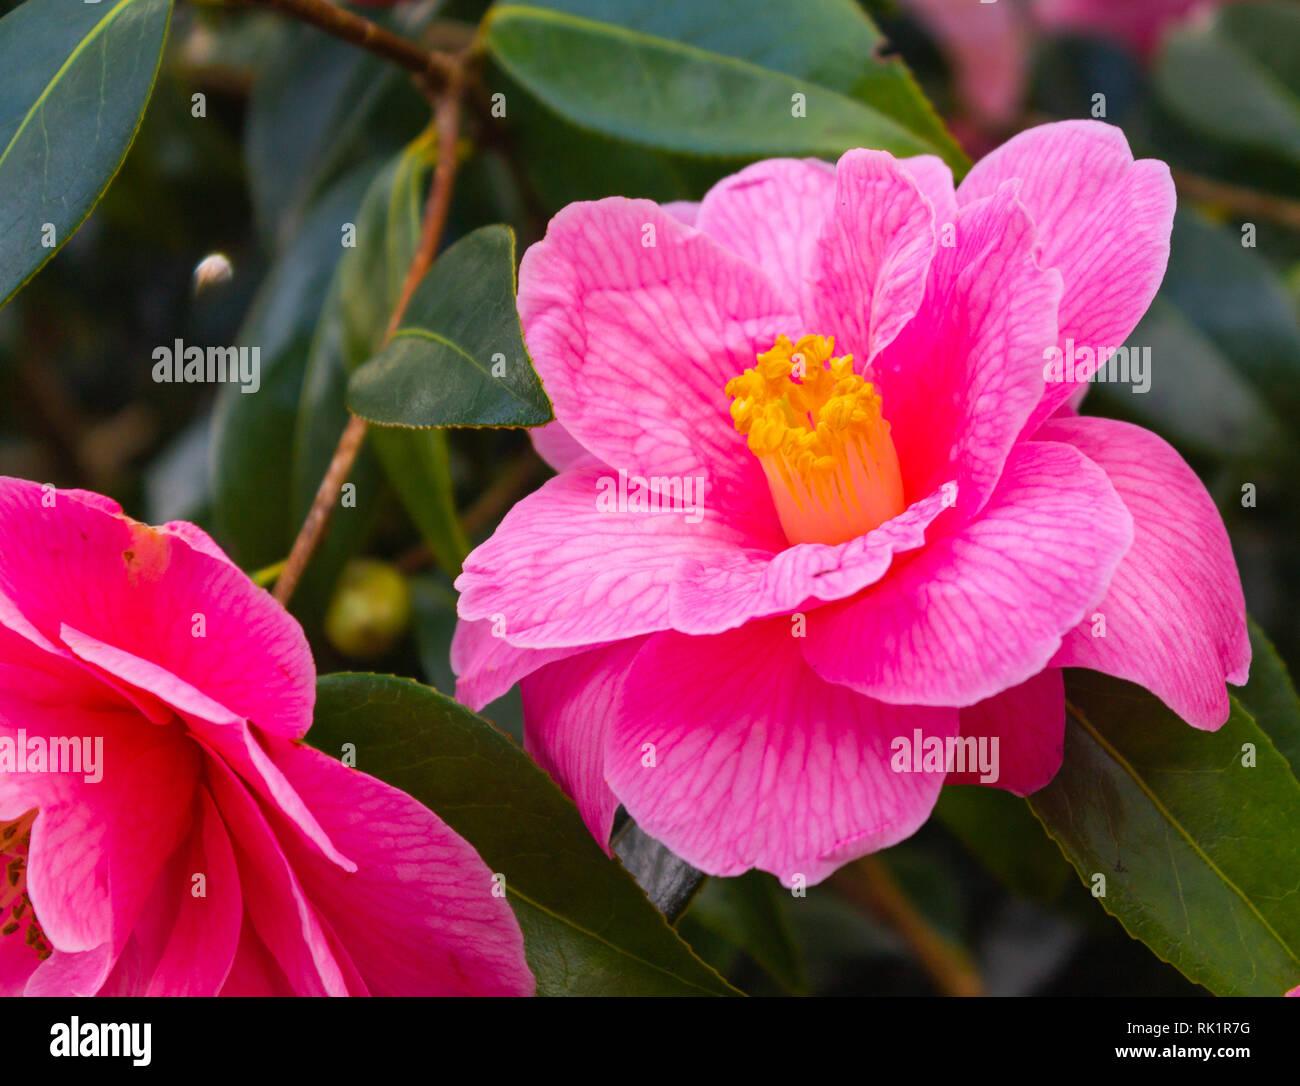 camellia-japonica-flower-in-full-bloom-RK1R7G.jpg